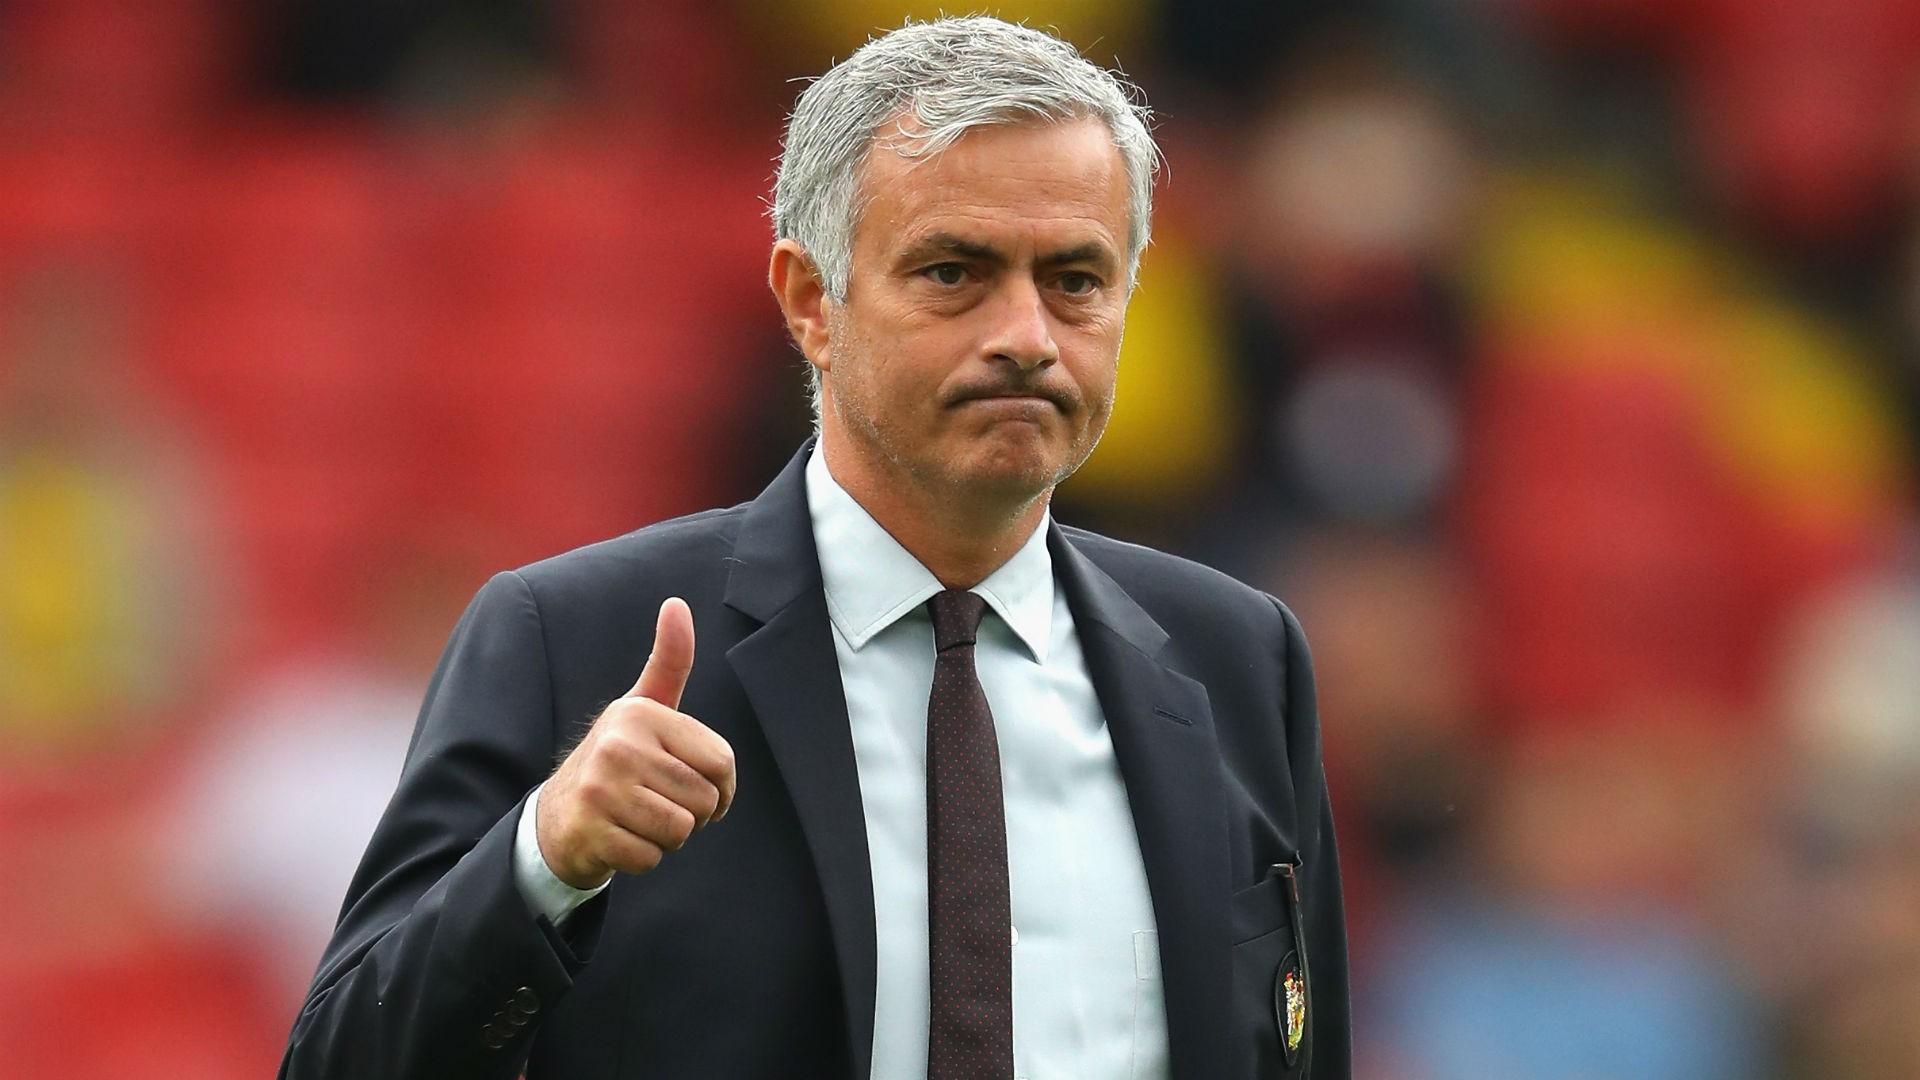 Mourinho lí giải khó tin về việc xóa trang mạng xã hội sau khi thua Chelsea - Ảnh 2.